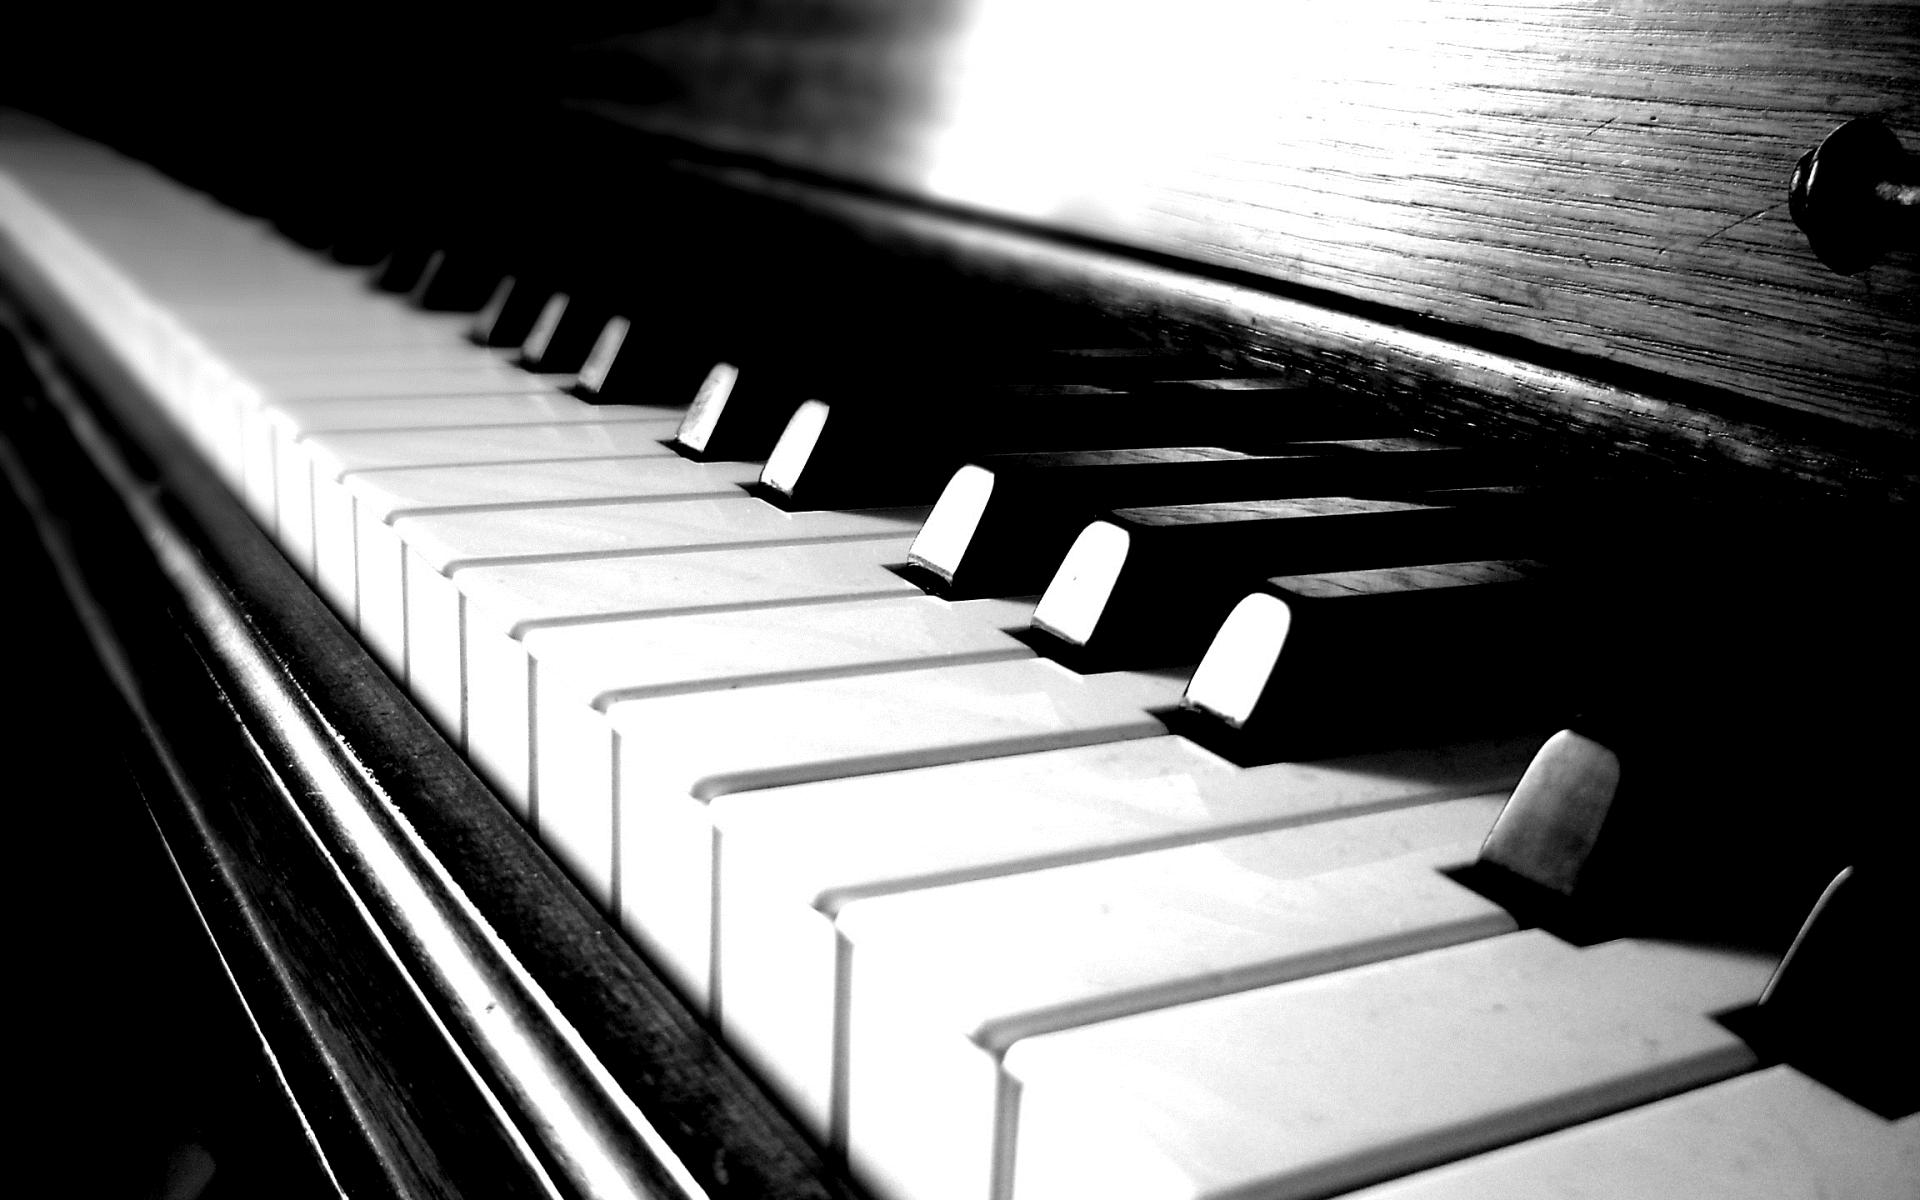 pianoforte_wallpaper_hd